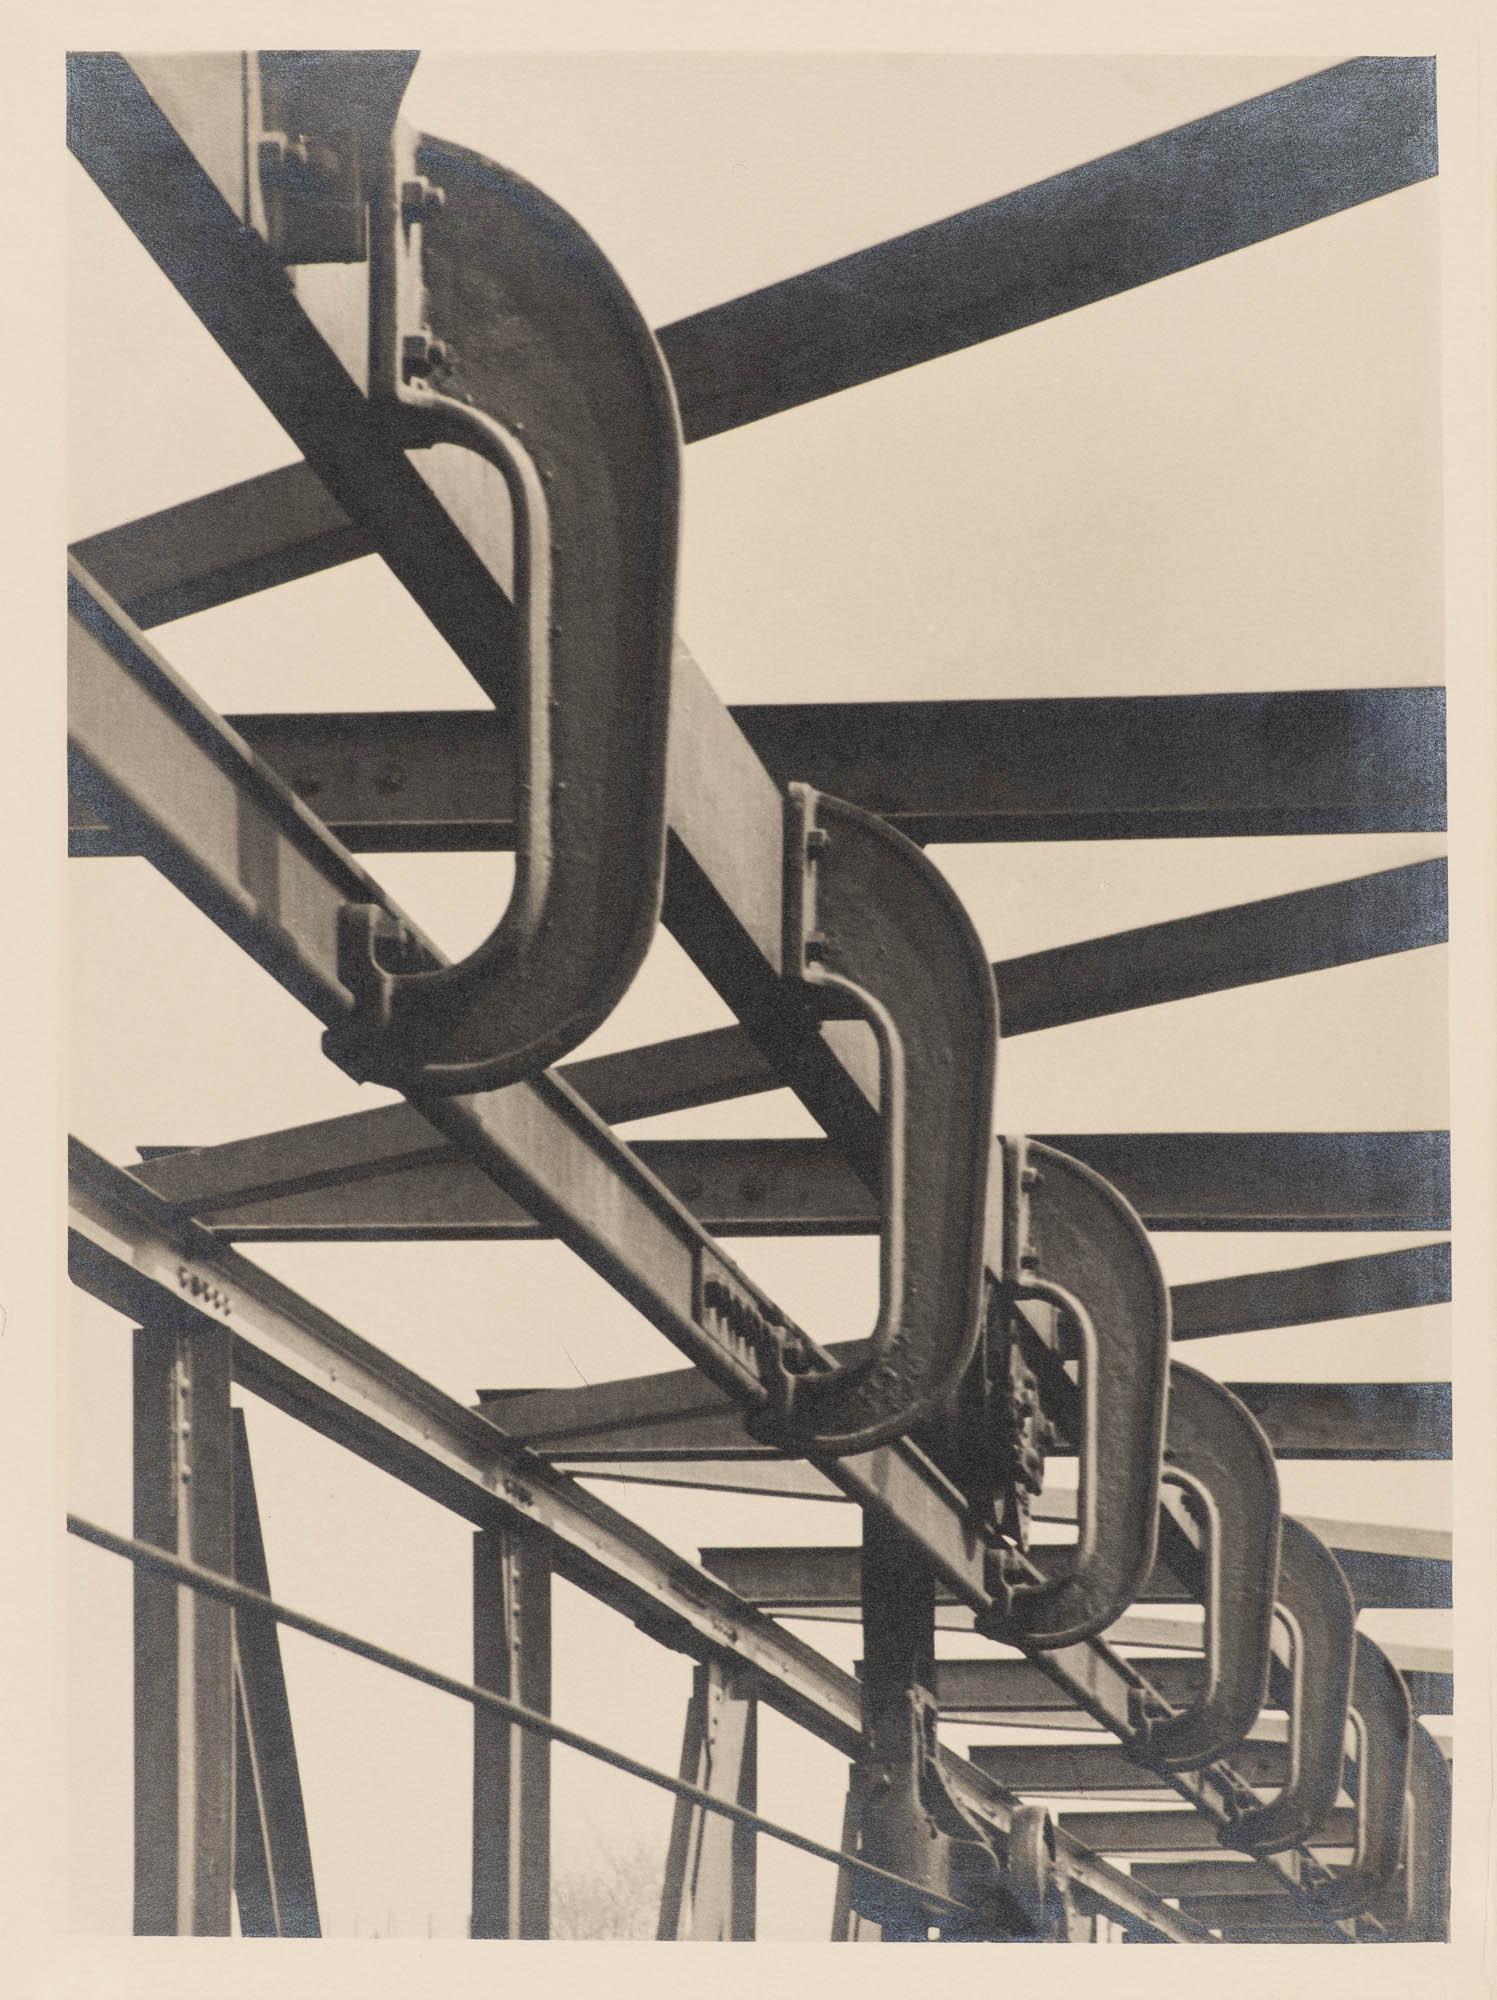 Riemenscheiben Albert Renger-Patzsch Photographie objective